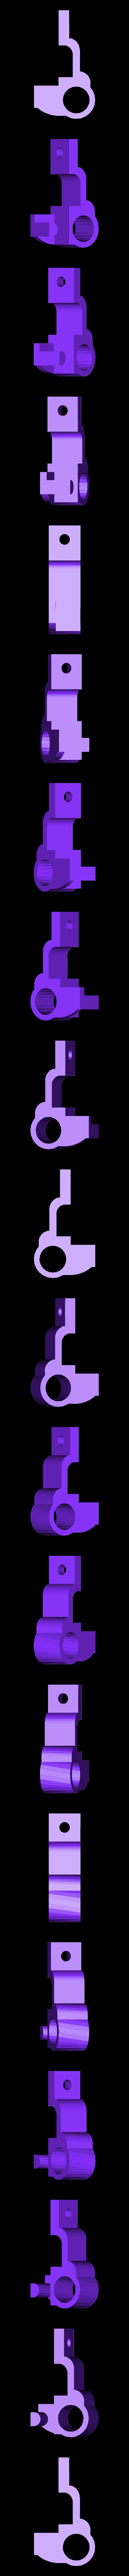 phantom-adapter_v4_part1.stl Télécharger fichier STL gratuit Attache de bourdon fantôme k'nex. • Plan pour imprimante 3D, DIYMachines